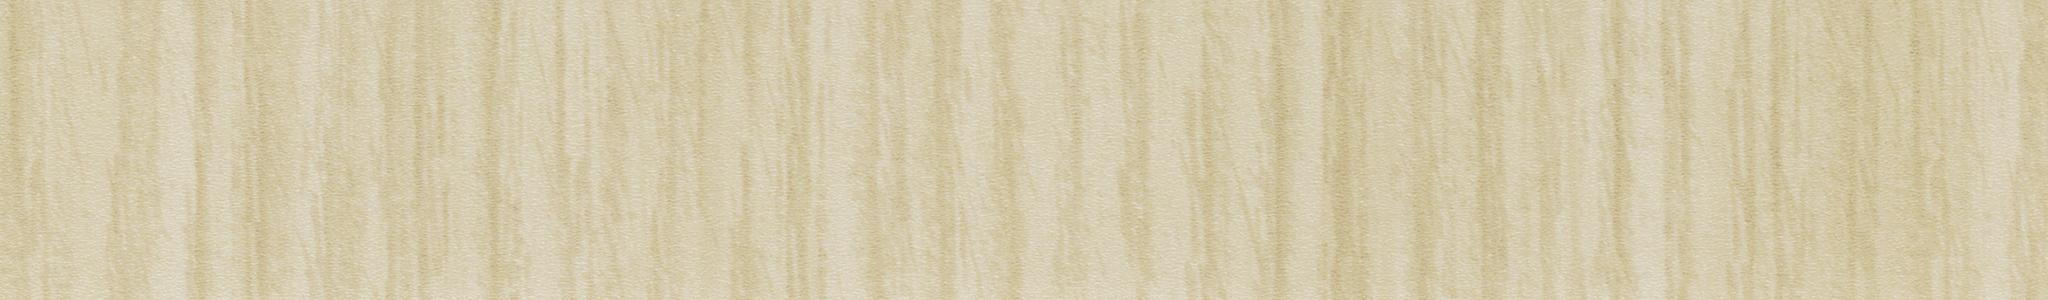 HD 24834 ABS hrana dub Sorano perla